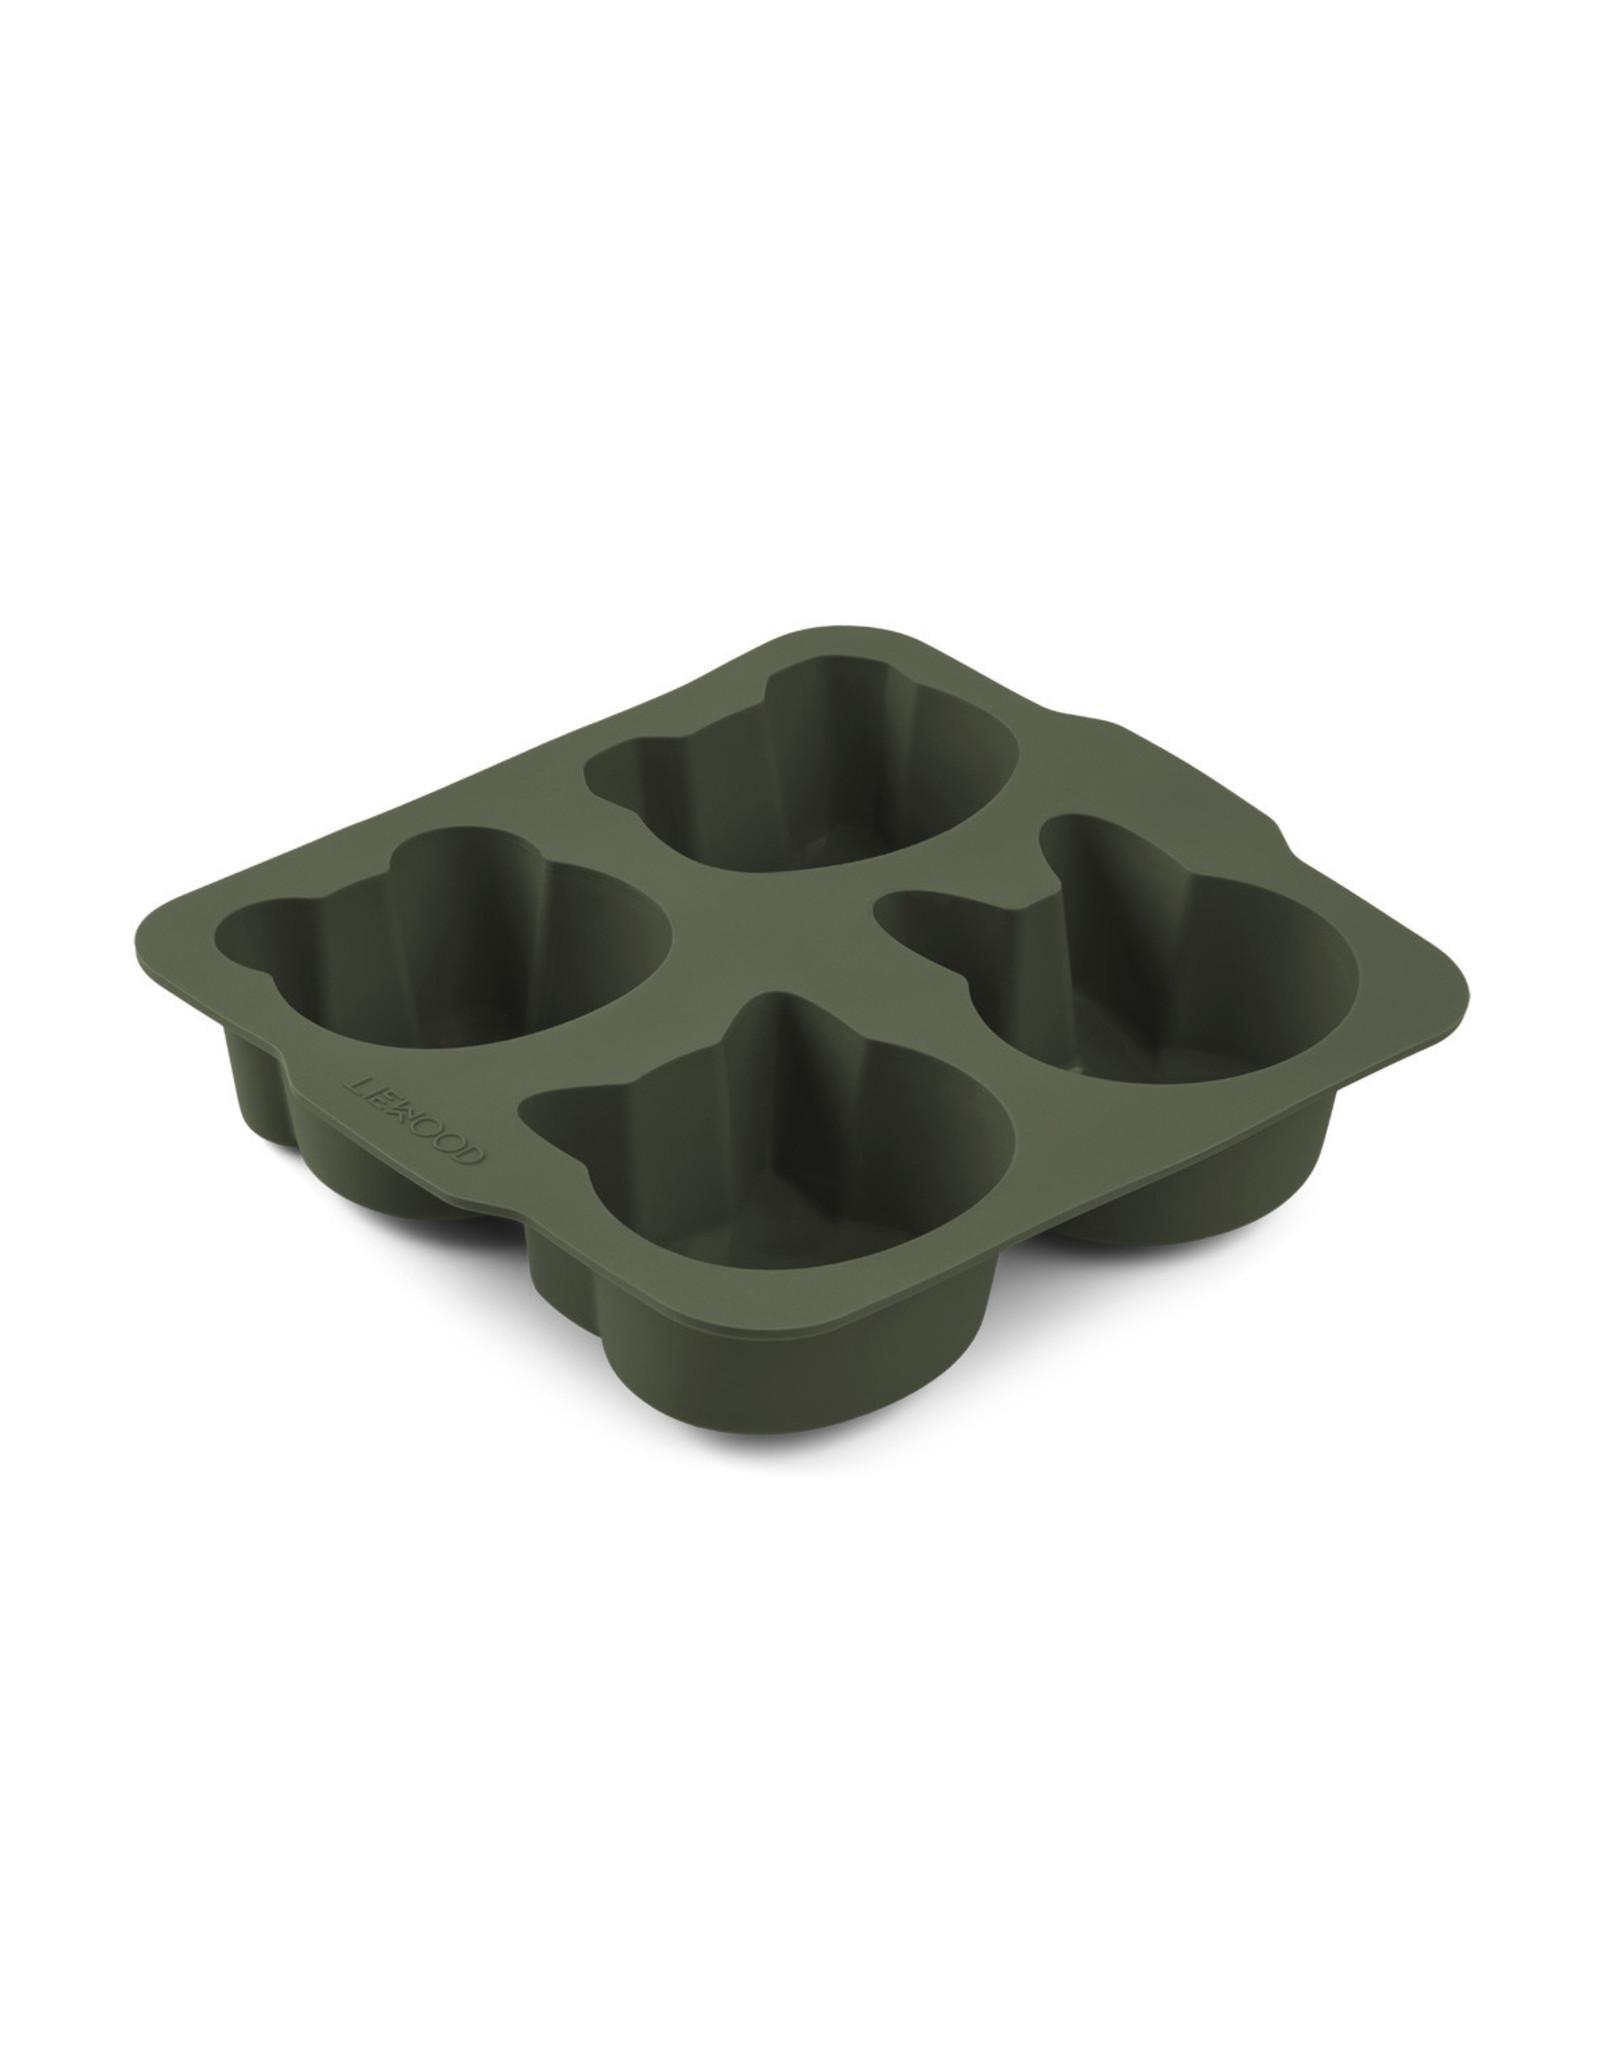 Liewood Liewood Mariam cake pan 2-pack hunter green/mustard mix